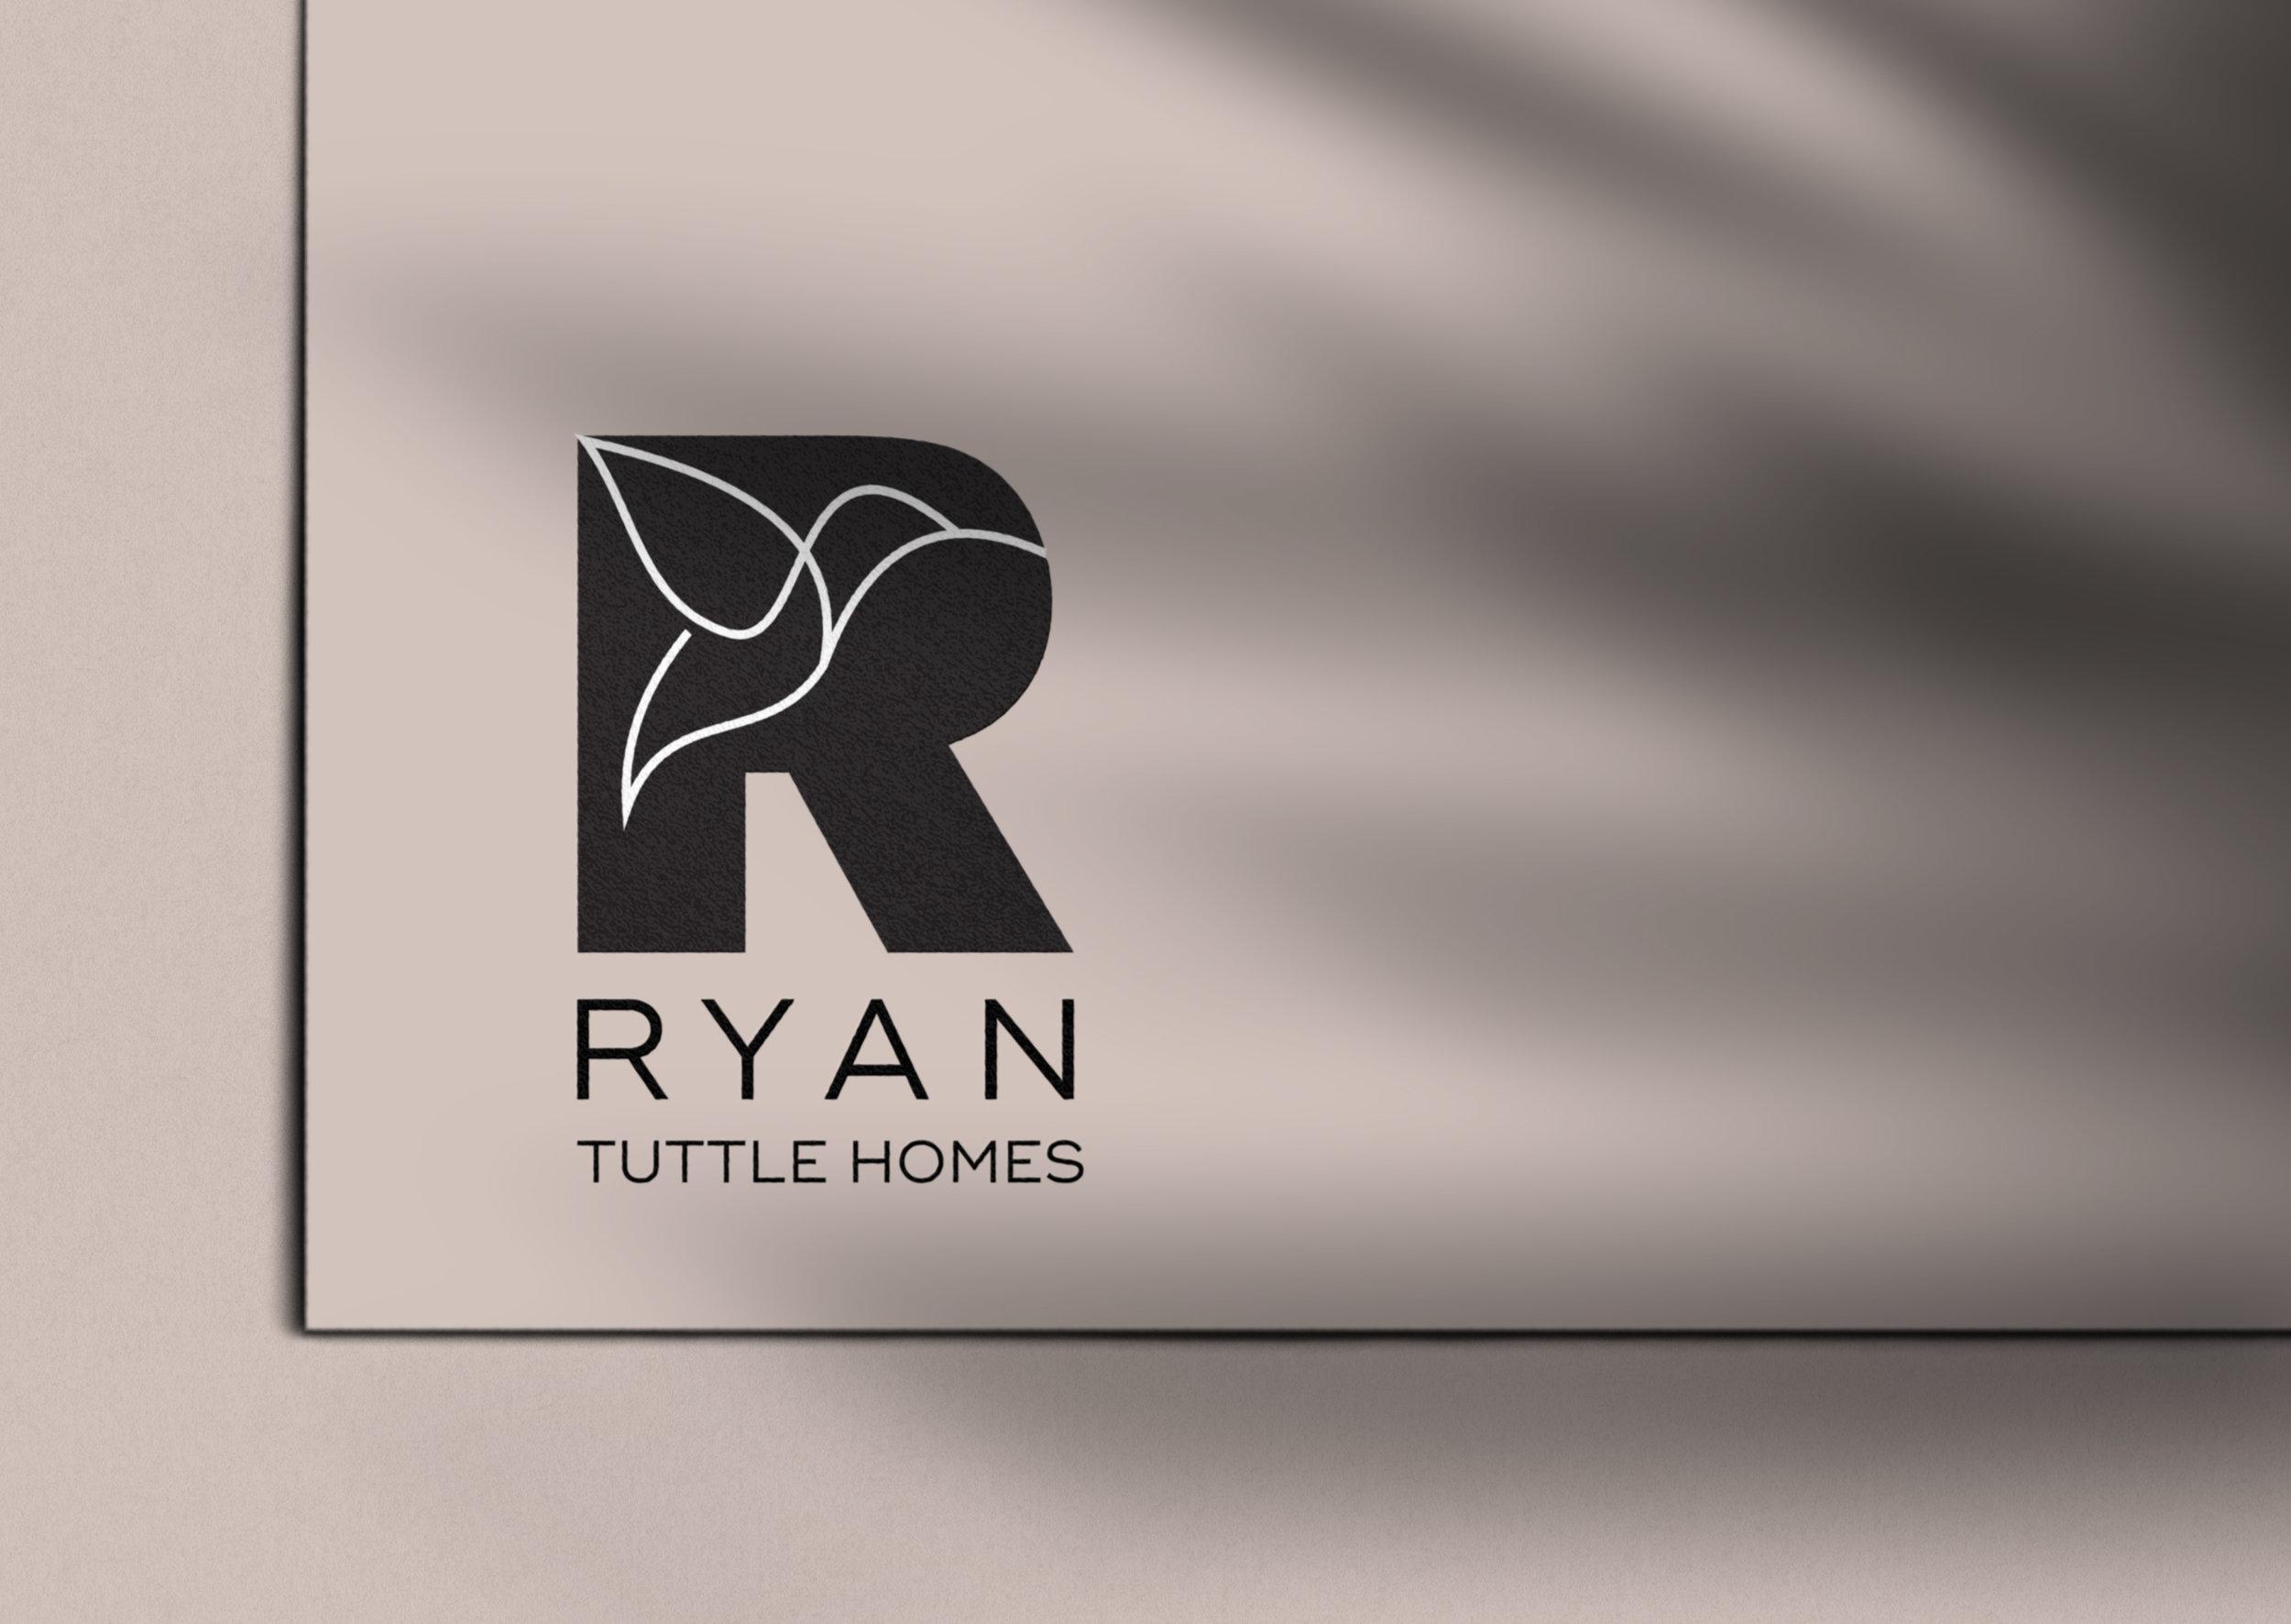 Ryan Tuttle Homes (1).jpg